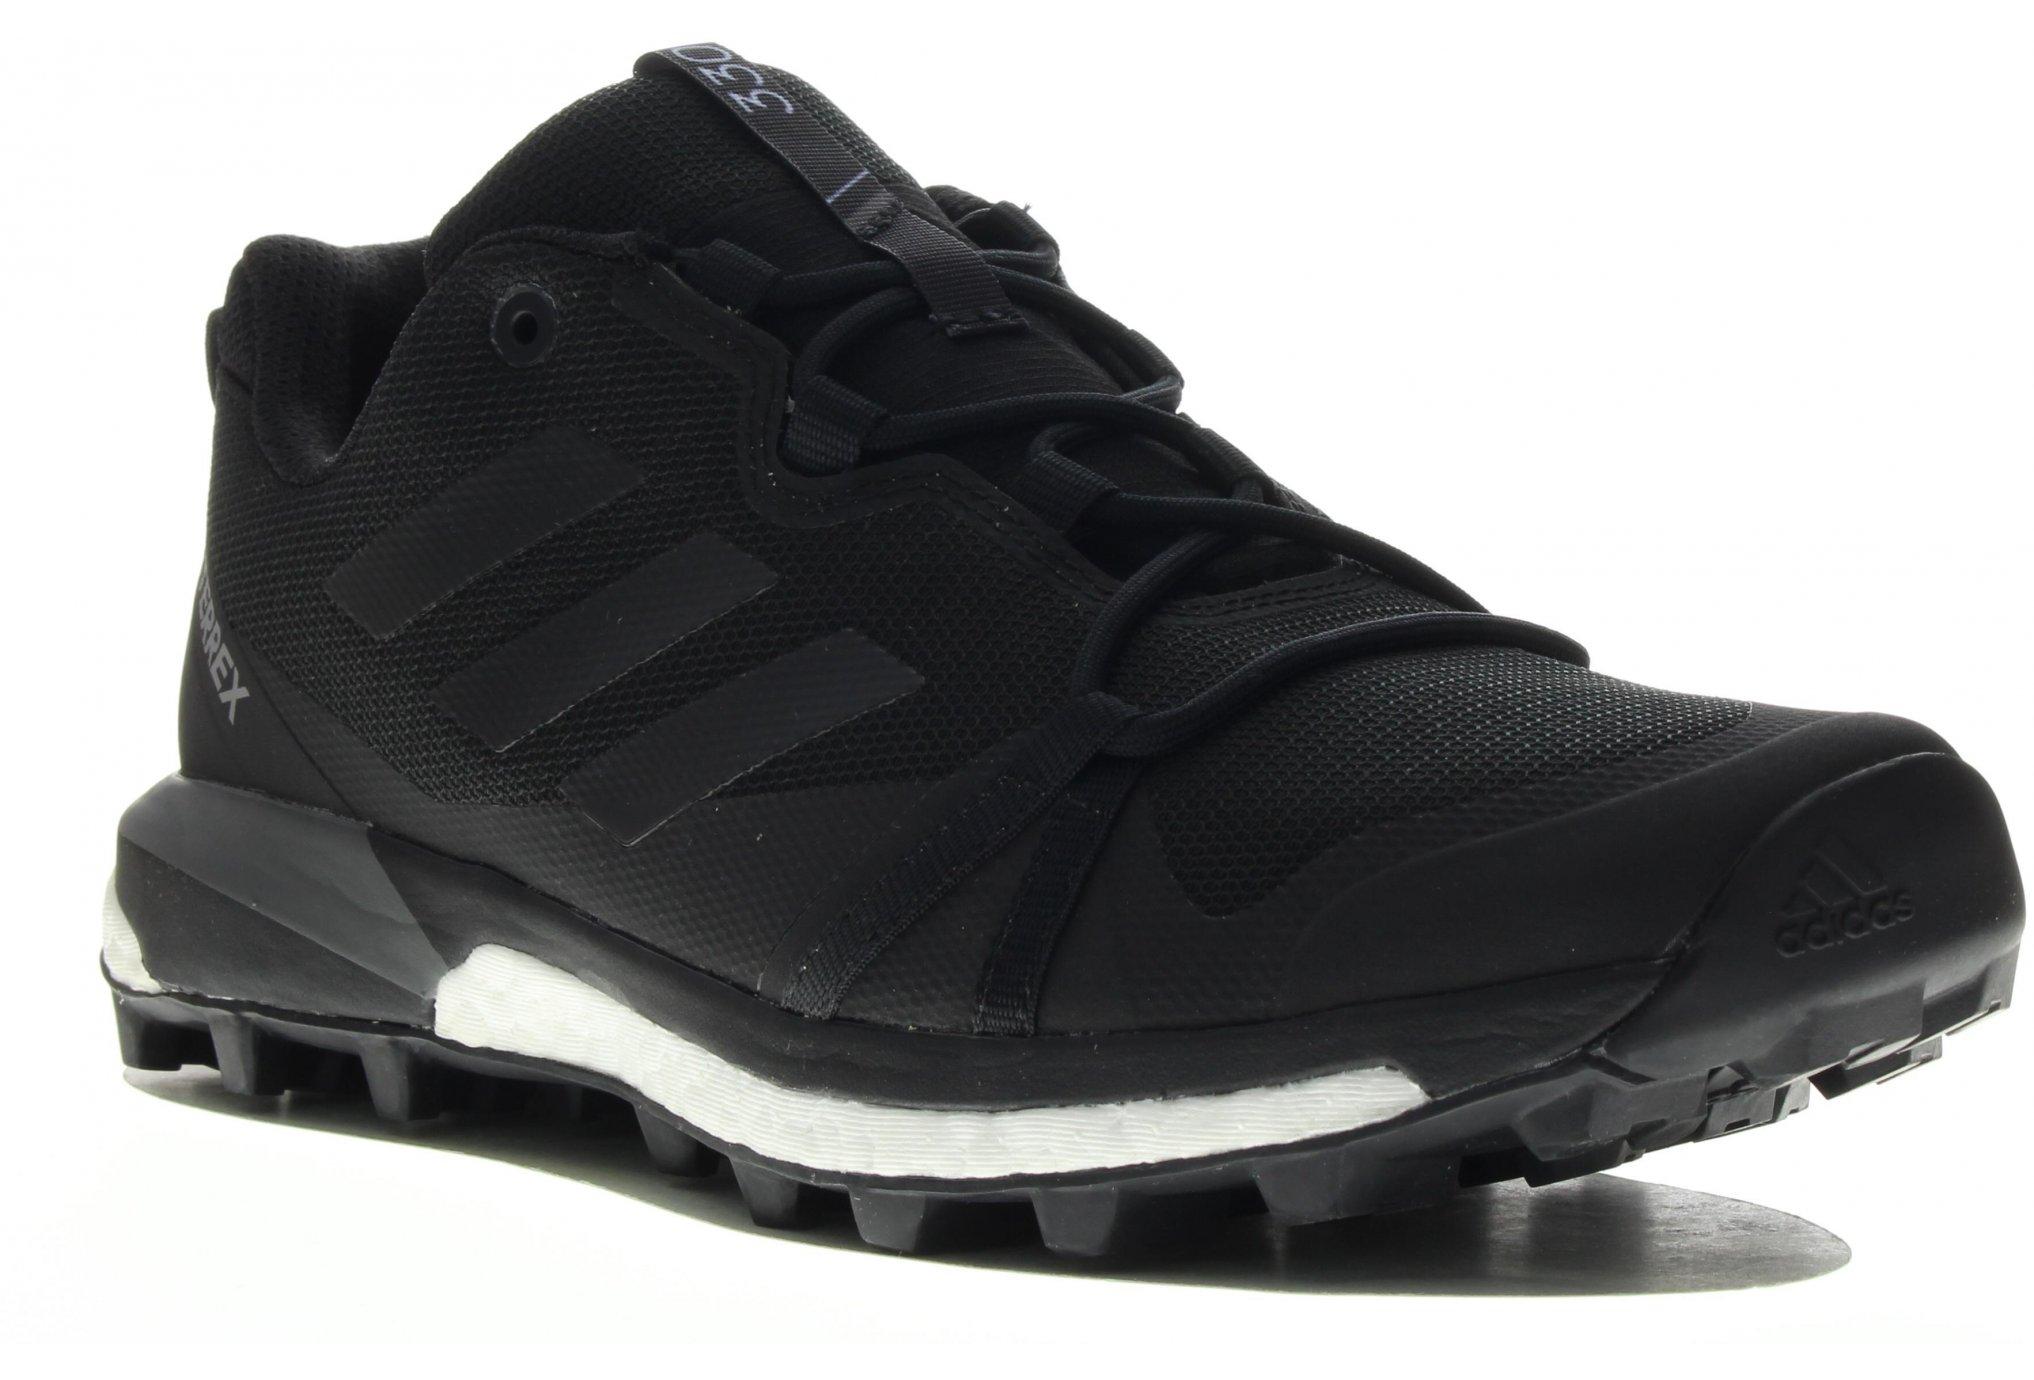 Adidas Terrex skychaser lt m chaussures homme